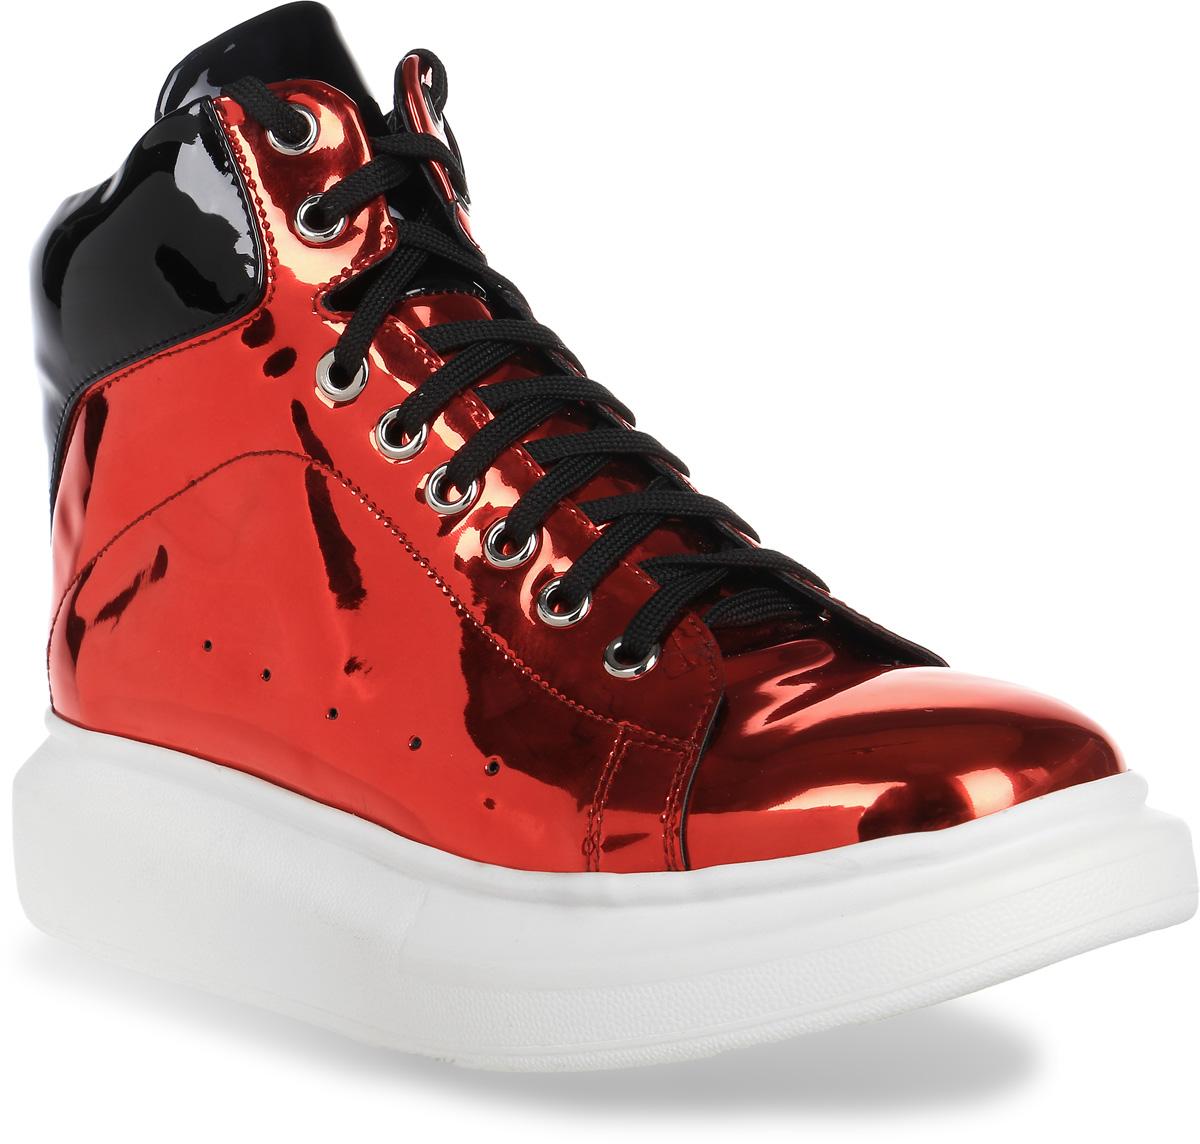 Ботинки женские Lk Collection, цвет: красный. H519-W302-2PU. Размер 36H519-W302-2PUЖенские ботинки на плоской подошве выполнены из искусственной зеркальной кожи. Модель на ноге фиксируется при помощи классической шнуровки, и дополнена стелькой из натуральной кожи.